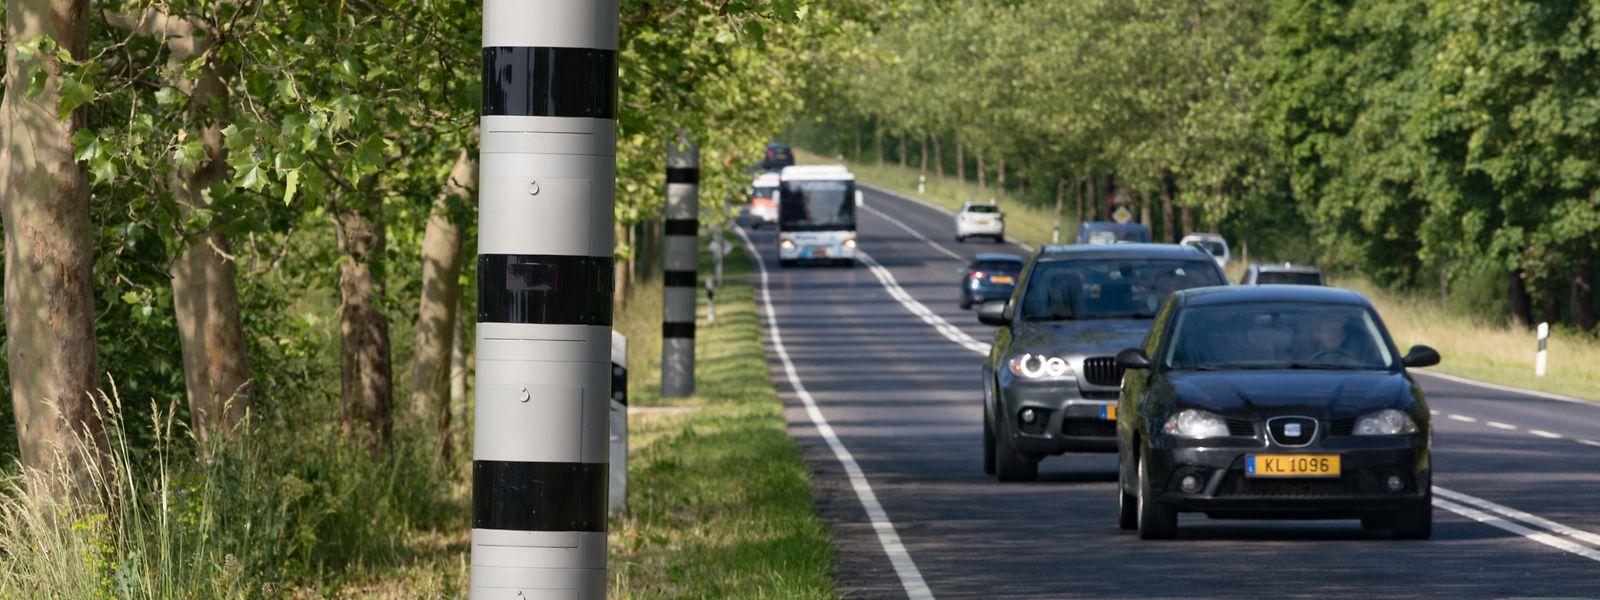 Die neue Anlage zwingt Autofahrer dazu, sich drei Minuten lang an die Geschwindigkeitsbegrenzung von 90 km/h zu halten. Für Lastwagen über 7,5 Tonnen, Busse und Fahrzeuge mit Anhänger liegt die zulässige Höchstgeschwindigkeit auf dem 3,8 Kilometer langen Abschnitt bei 75 km/h.